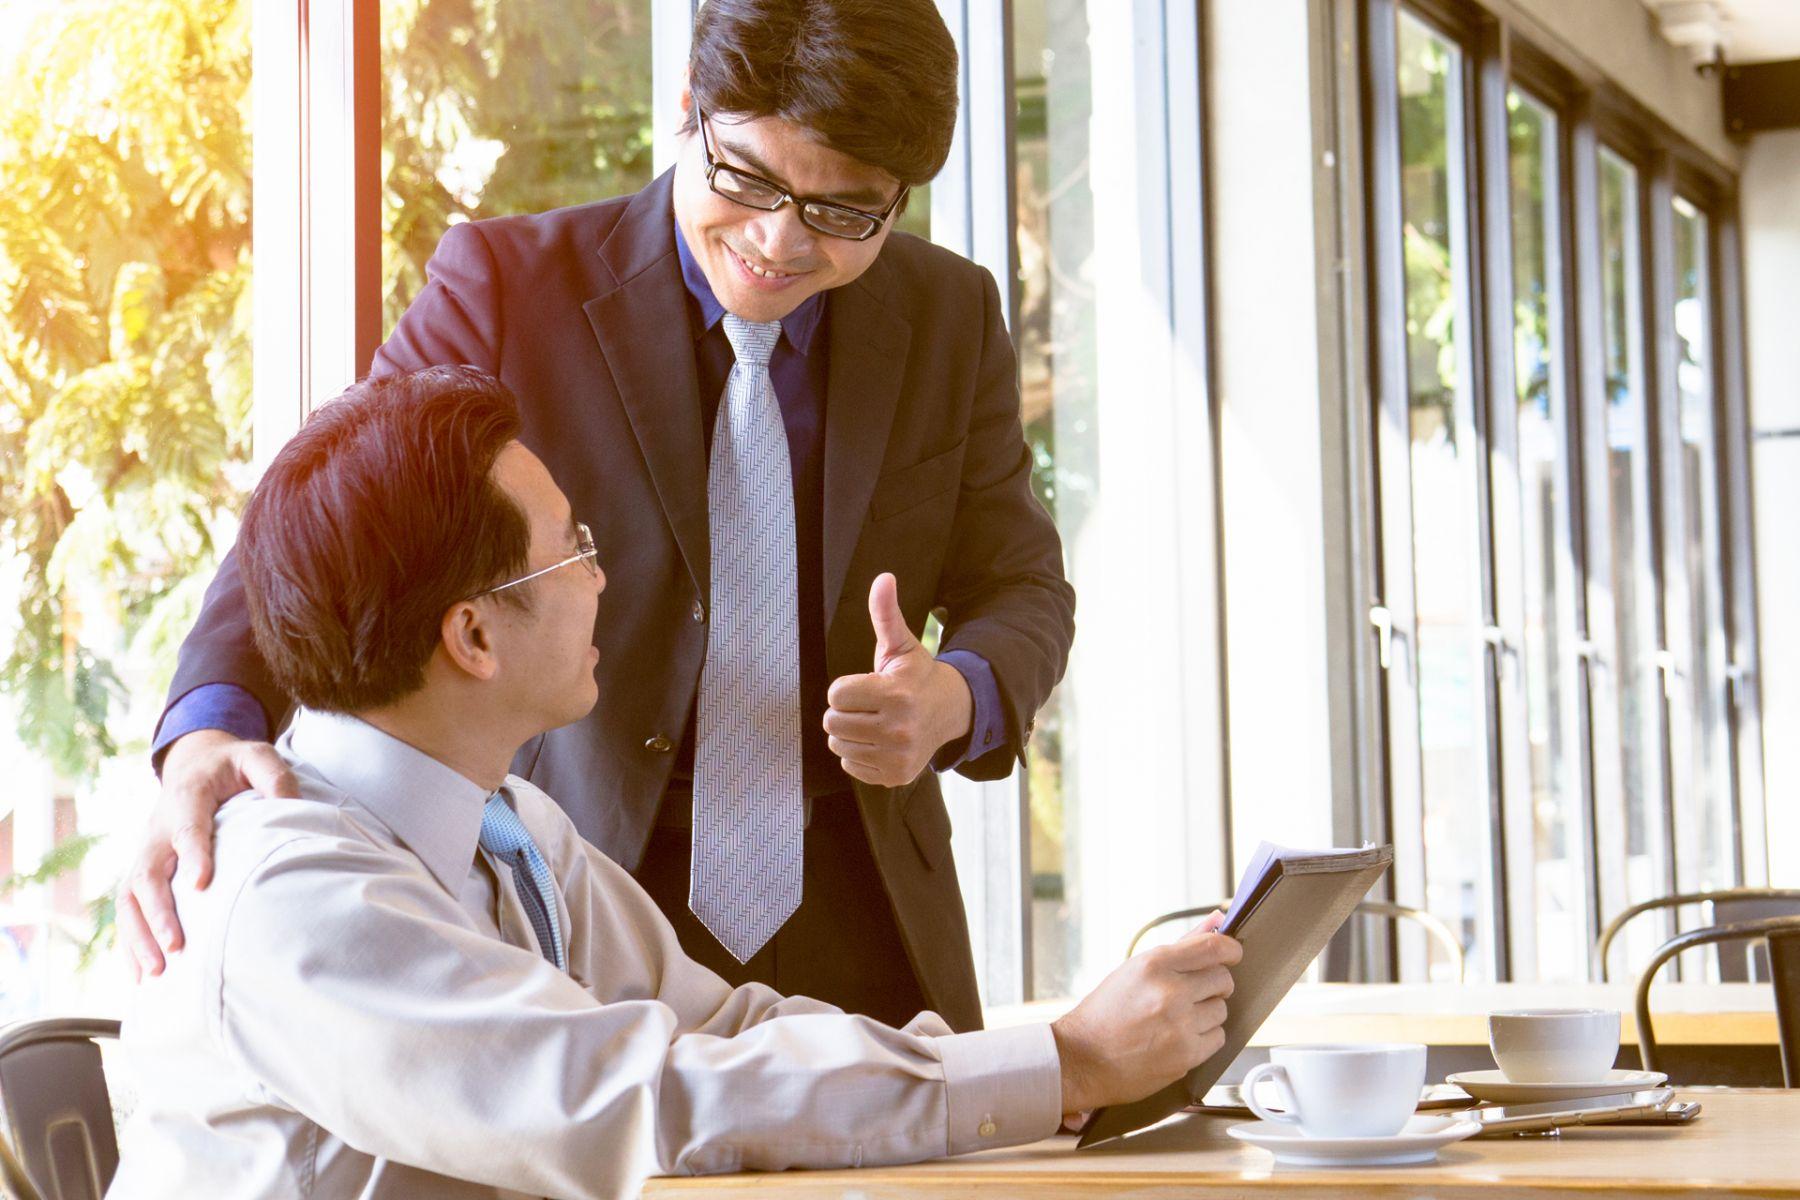 高EQ者的「向上管理」工作術:把主管當小孩,就很容易搞定!